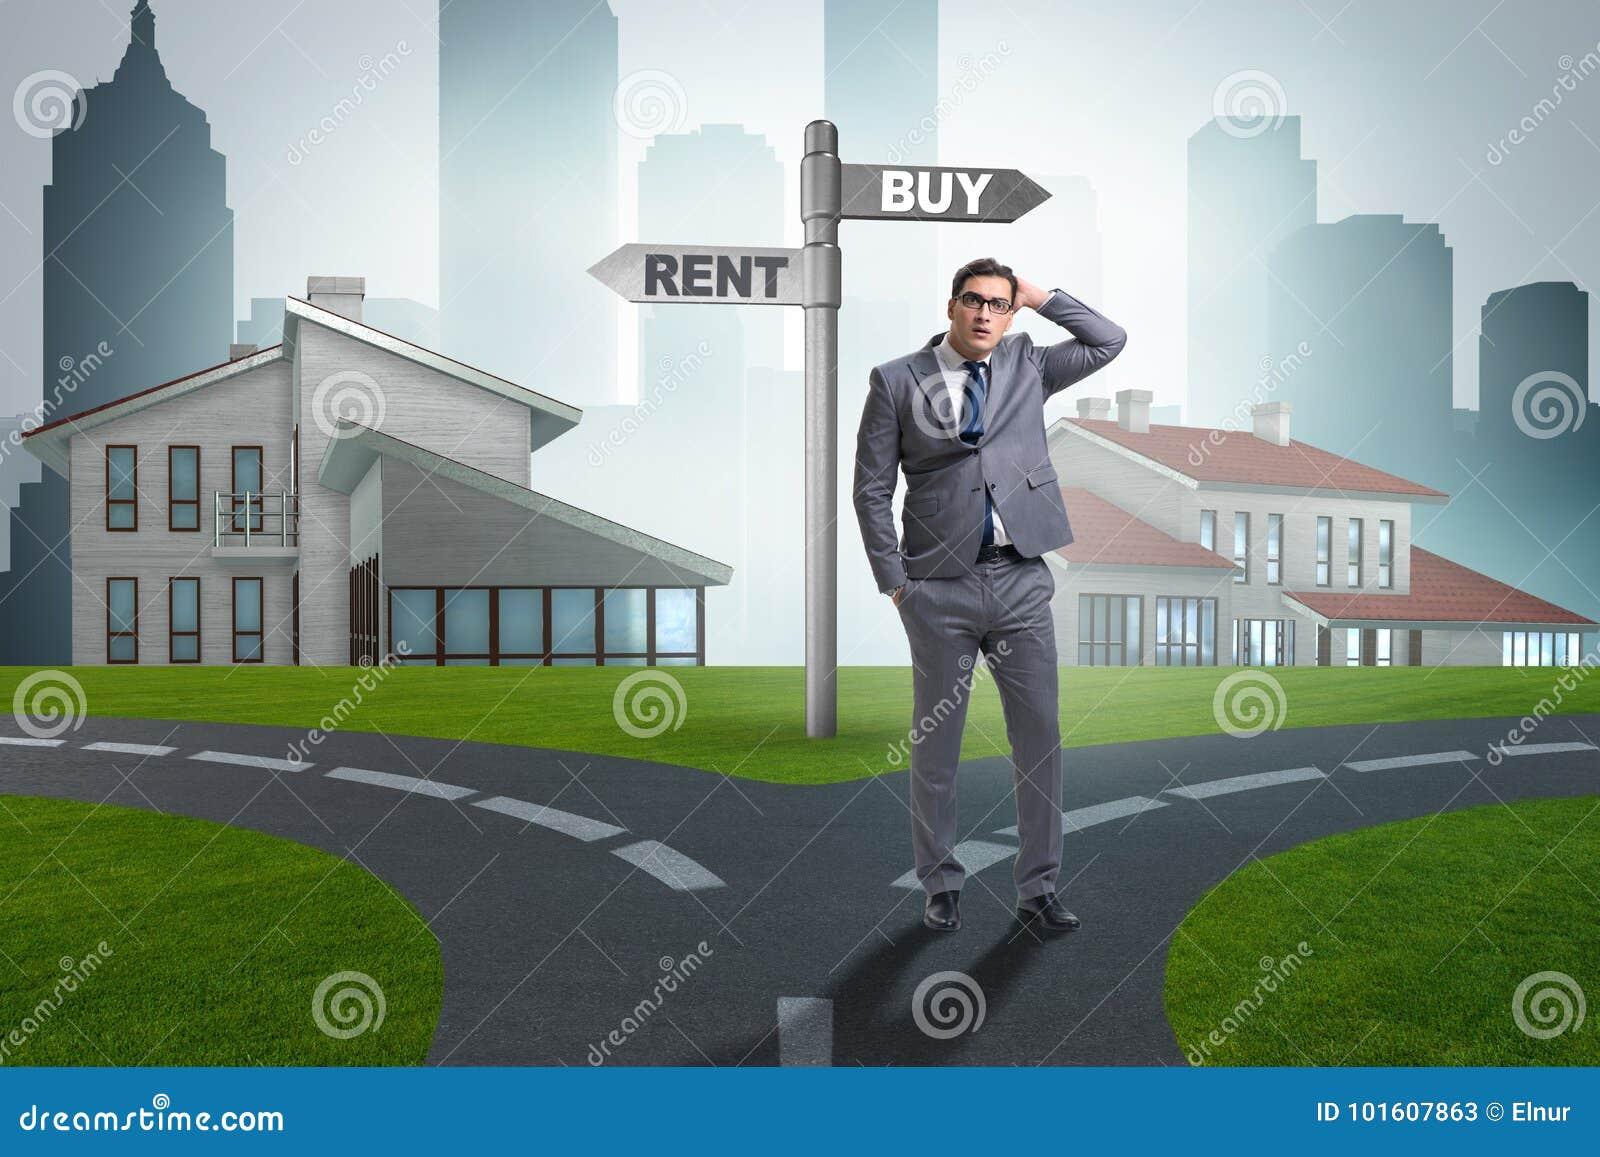 Biznesmen przy rozdroża betweem wynajmowaniem i kupieniem